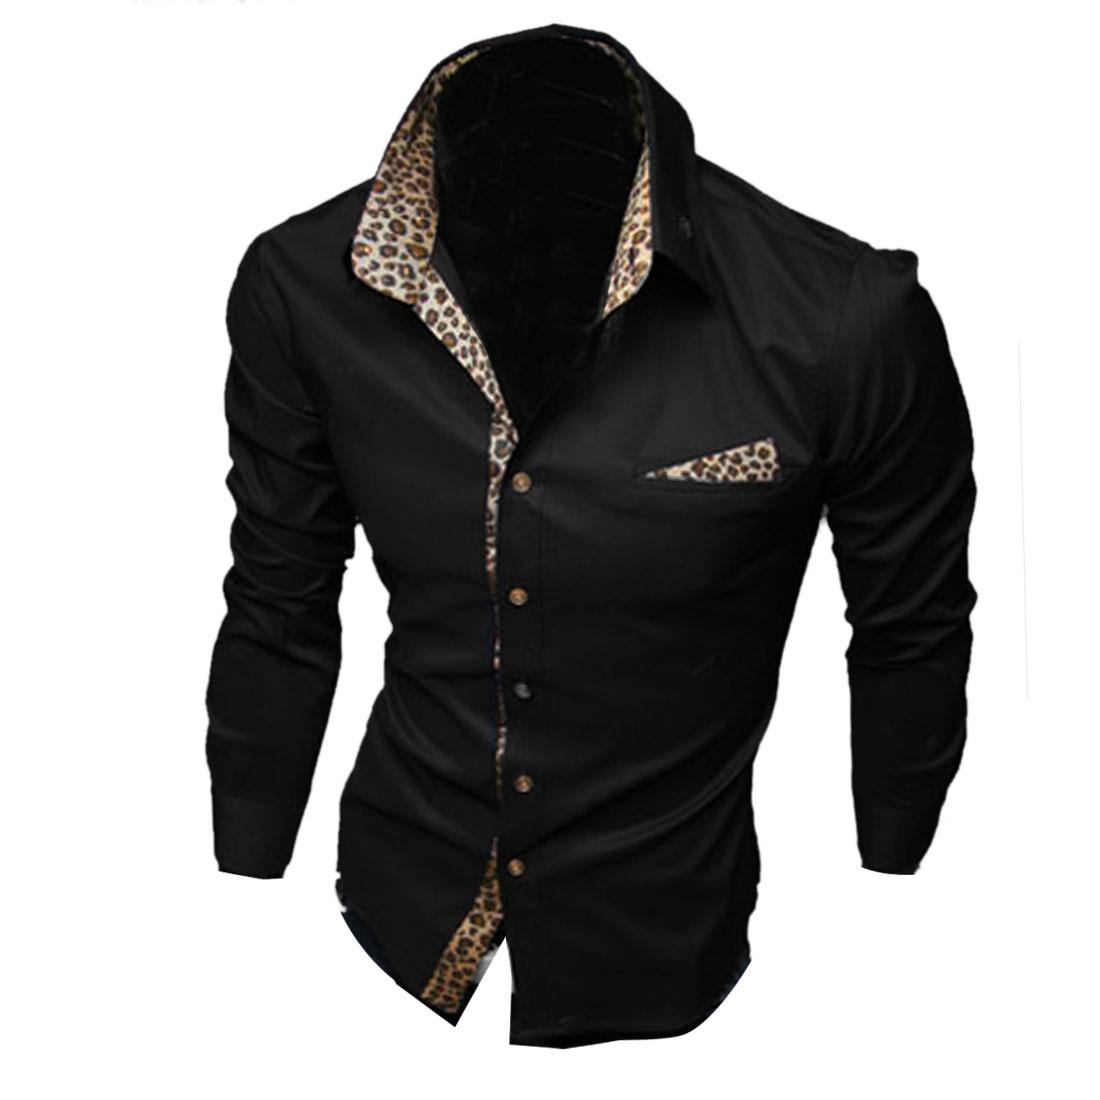 Men Buttoned Cuff Point Collar Long-sleeved Modern Shirt Black M